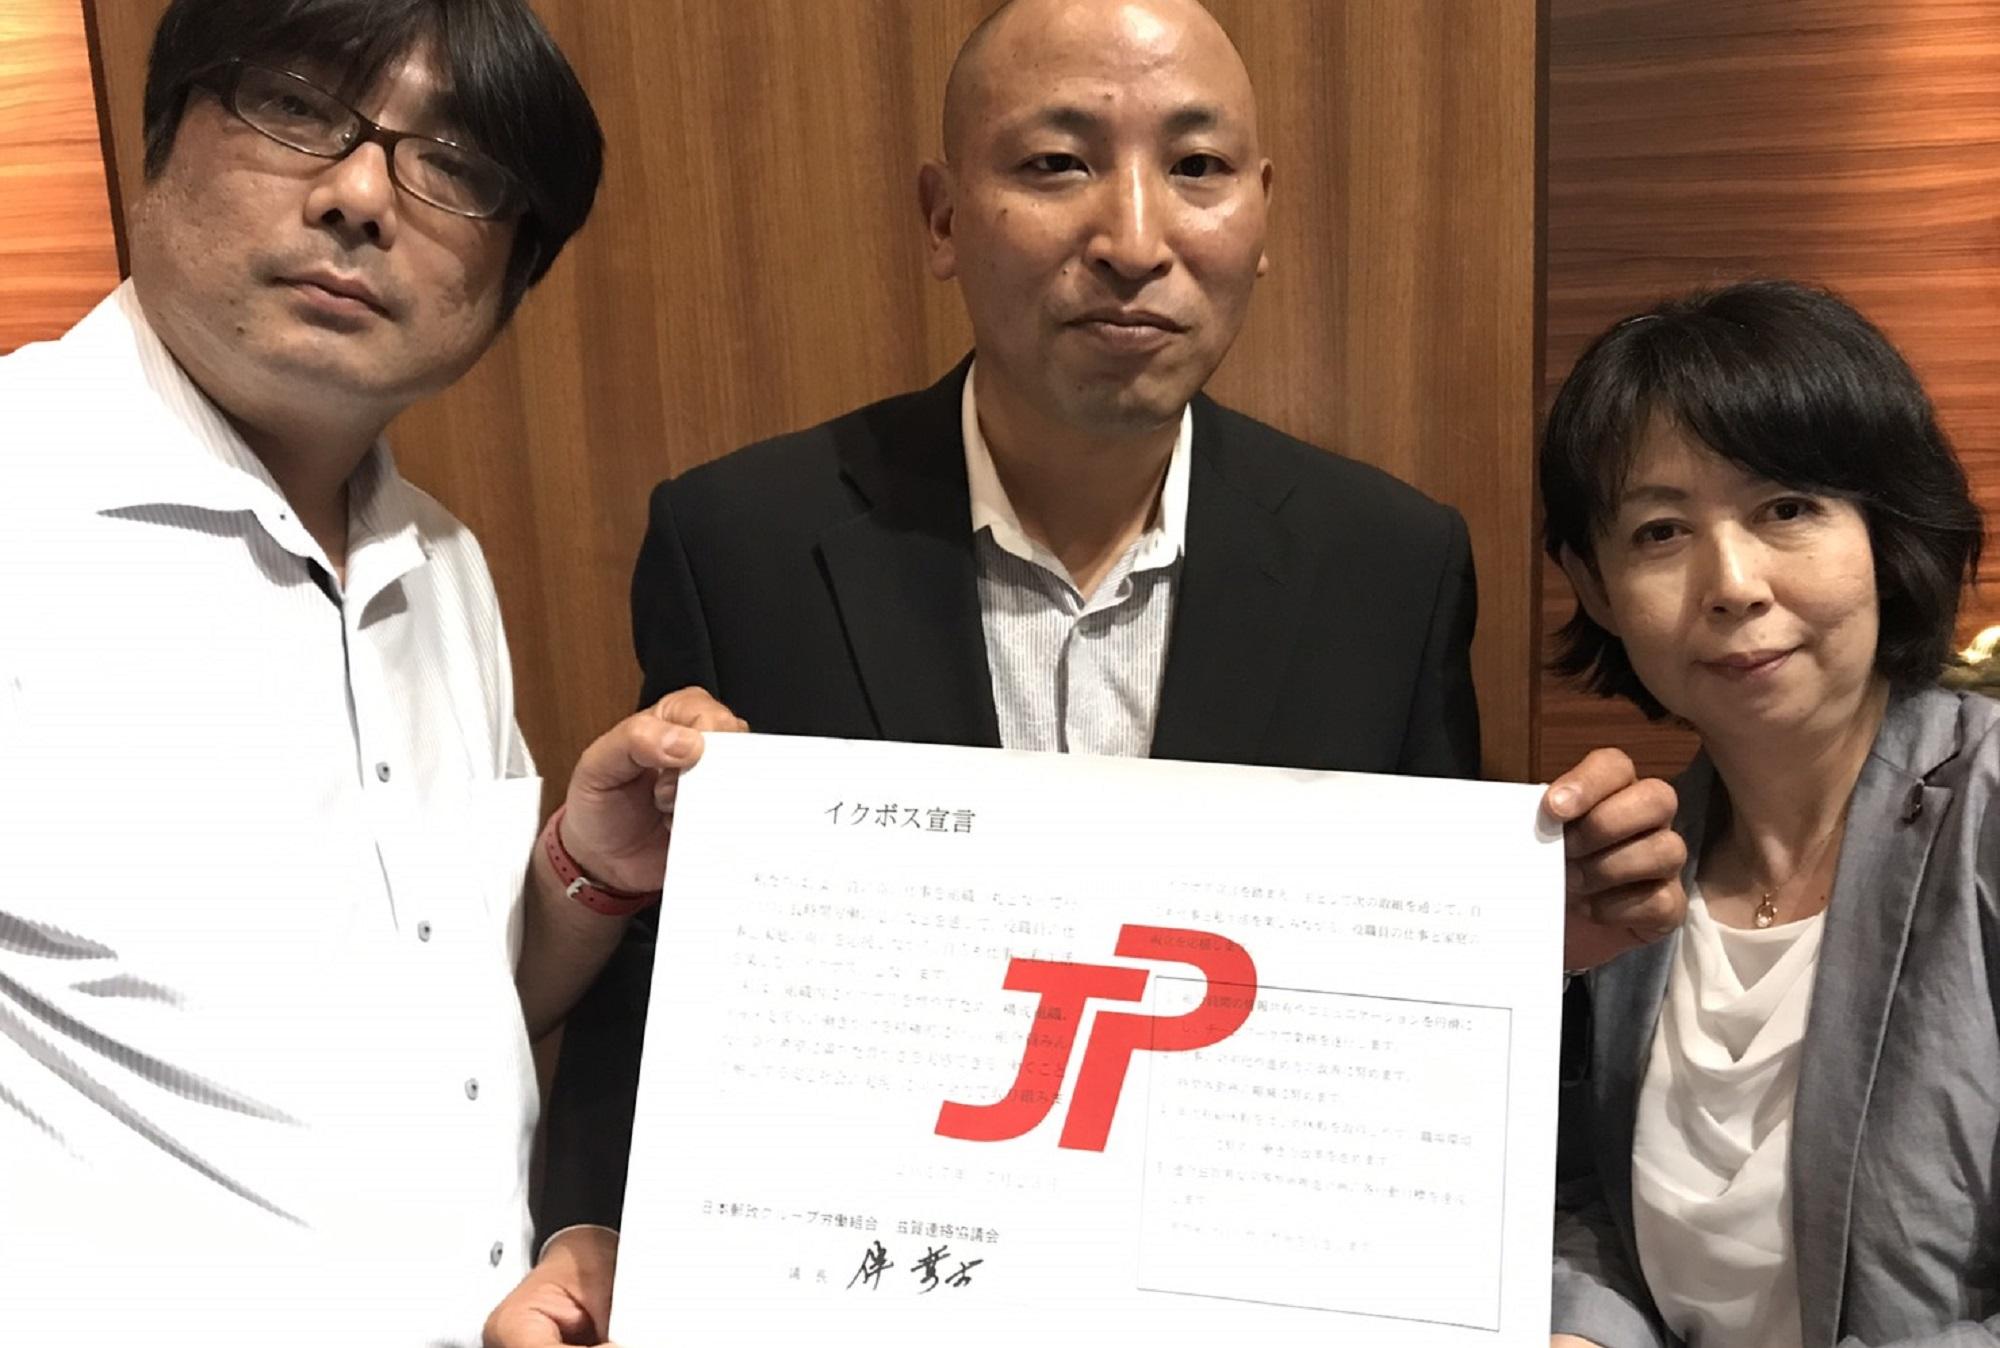 JP労組(2017年7月23日)